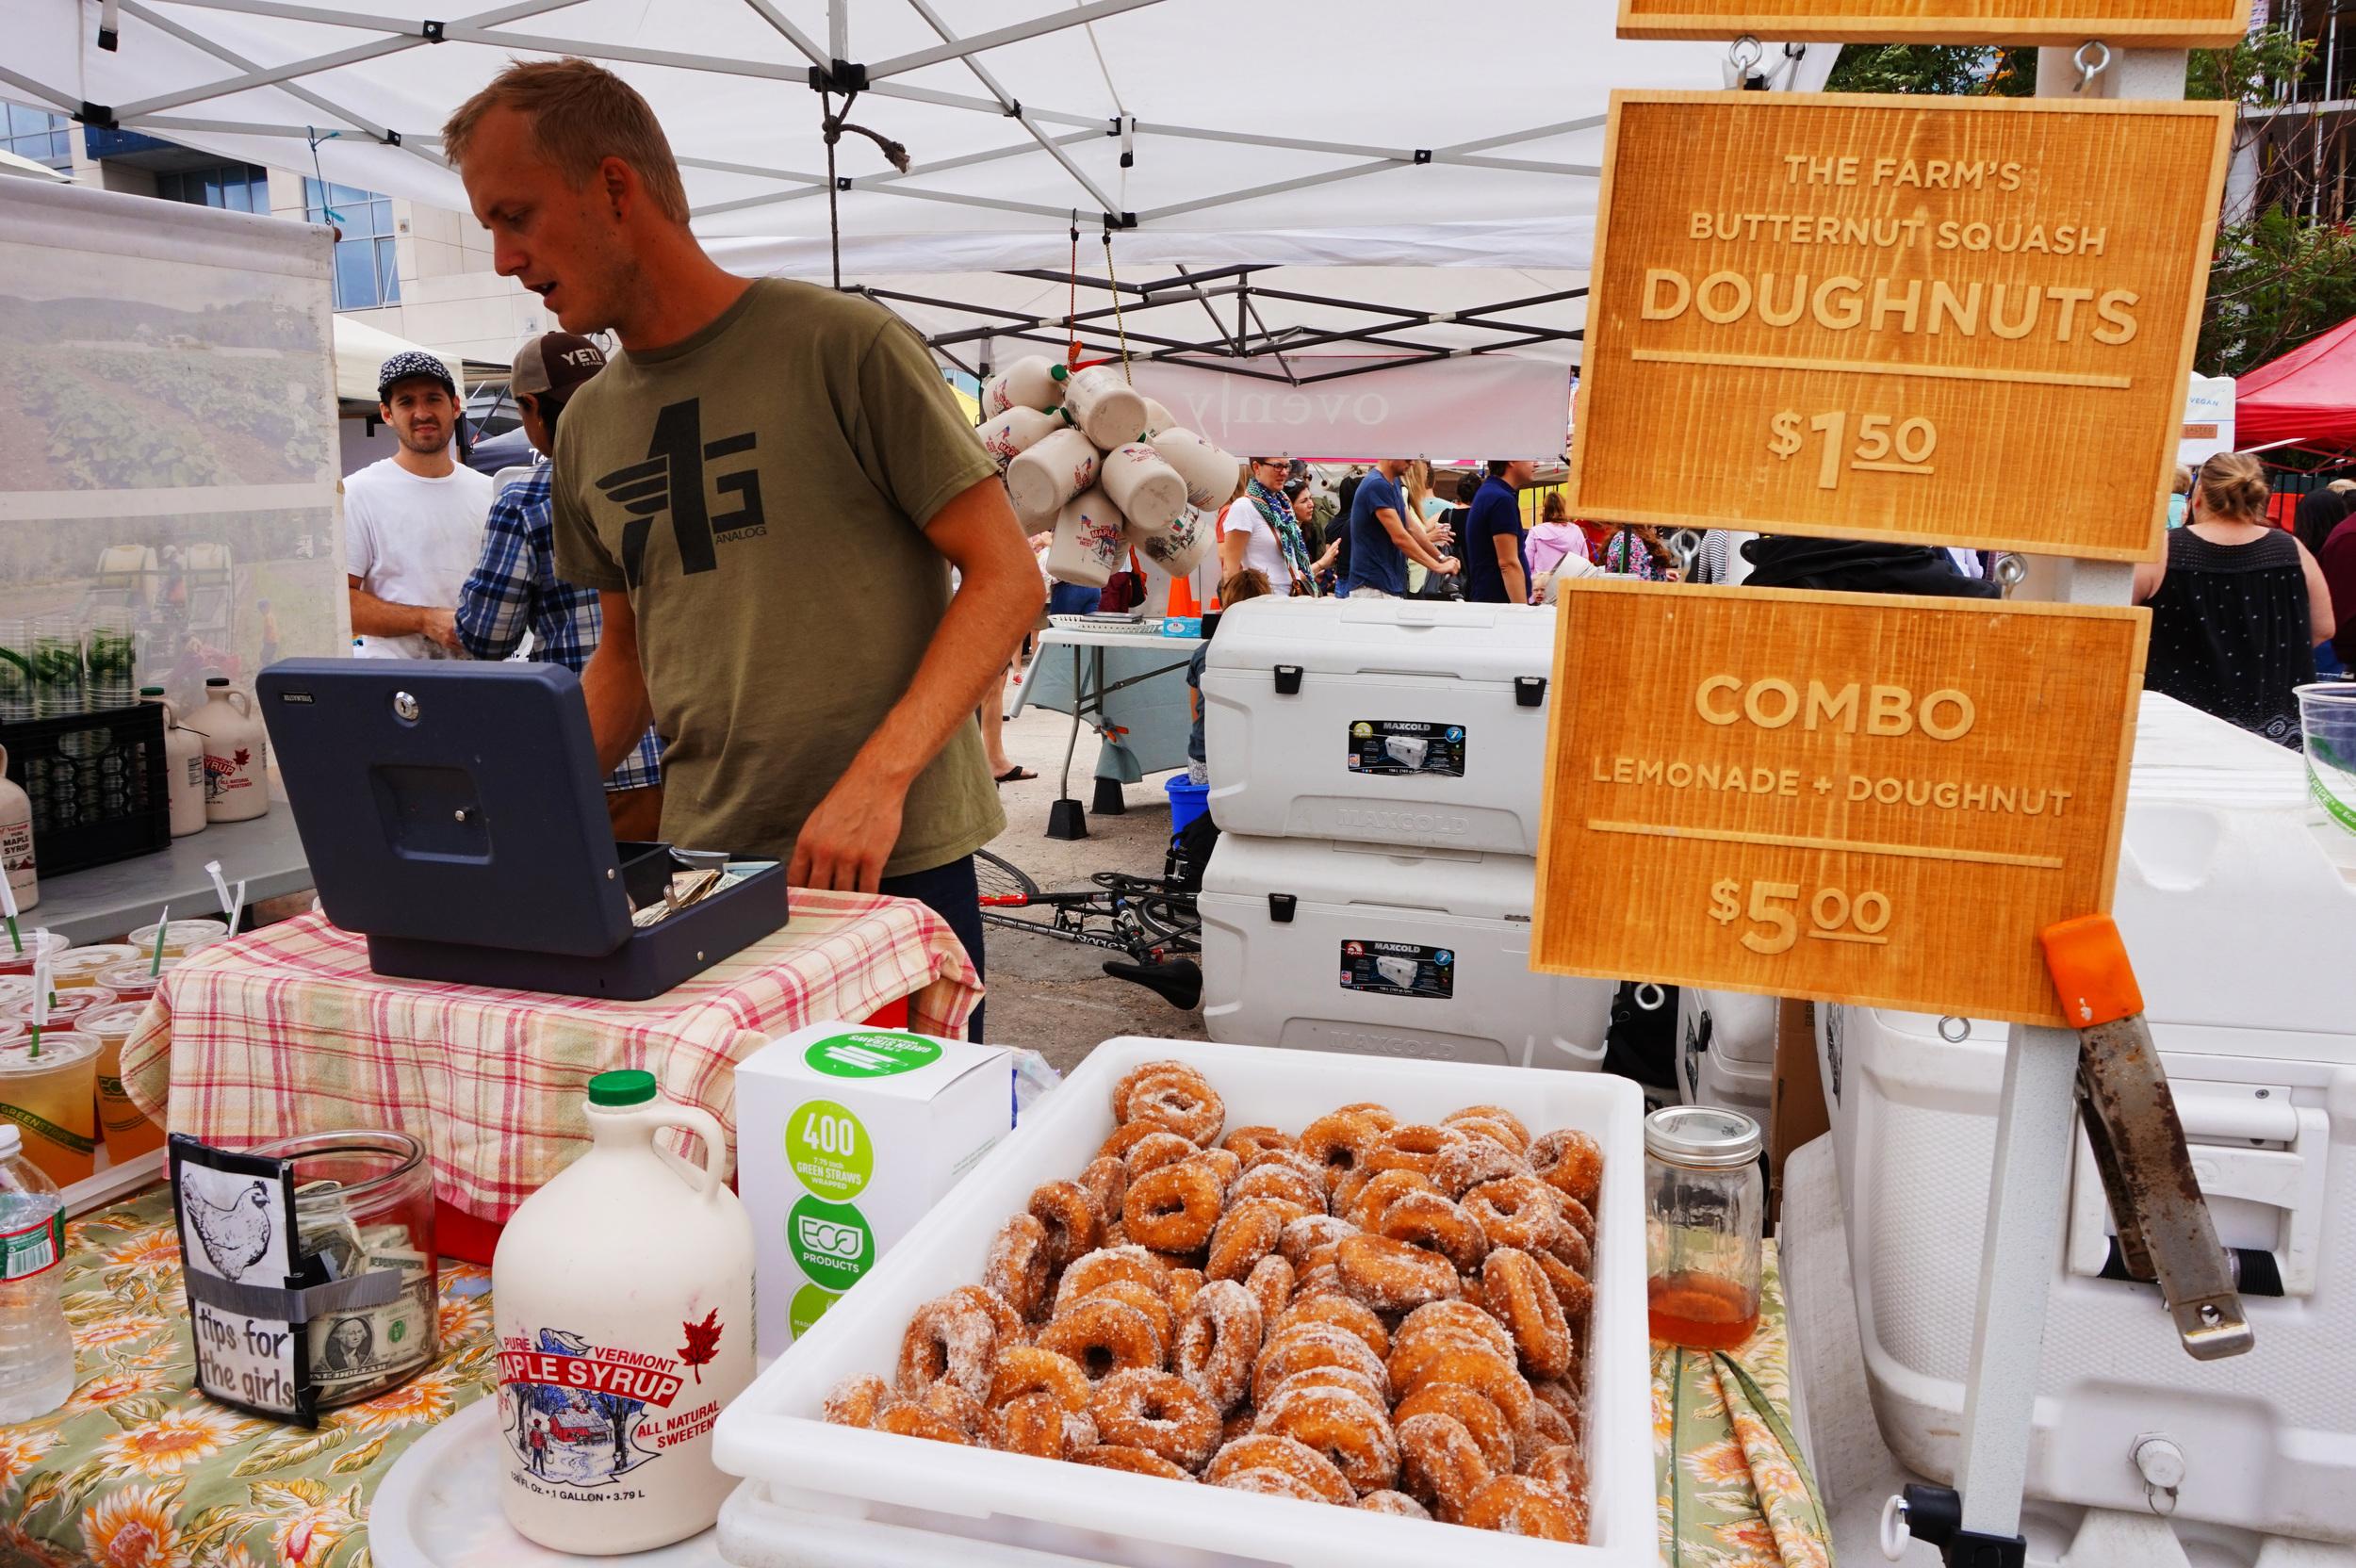 Butternut squash doughnuts?!